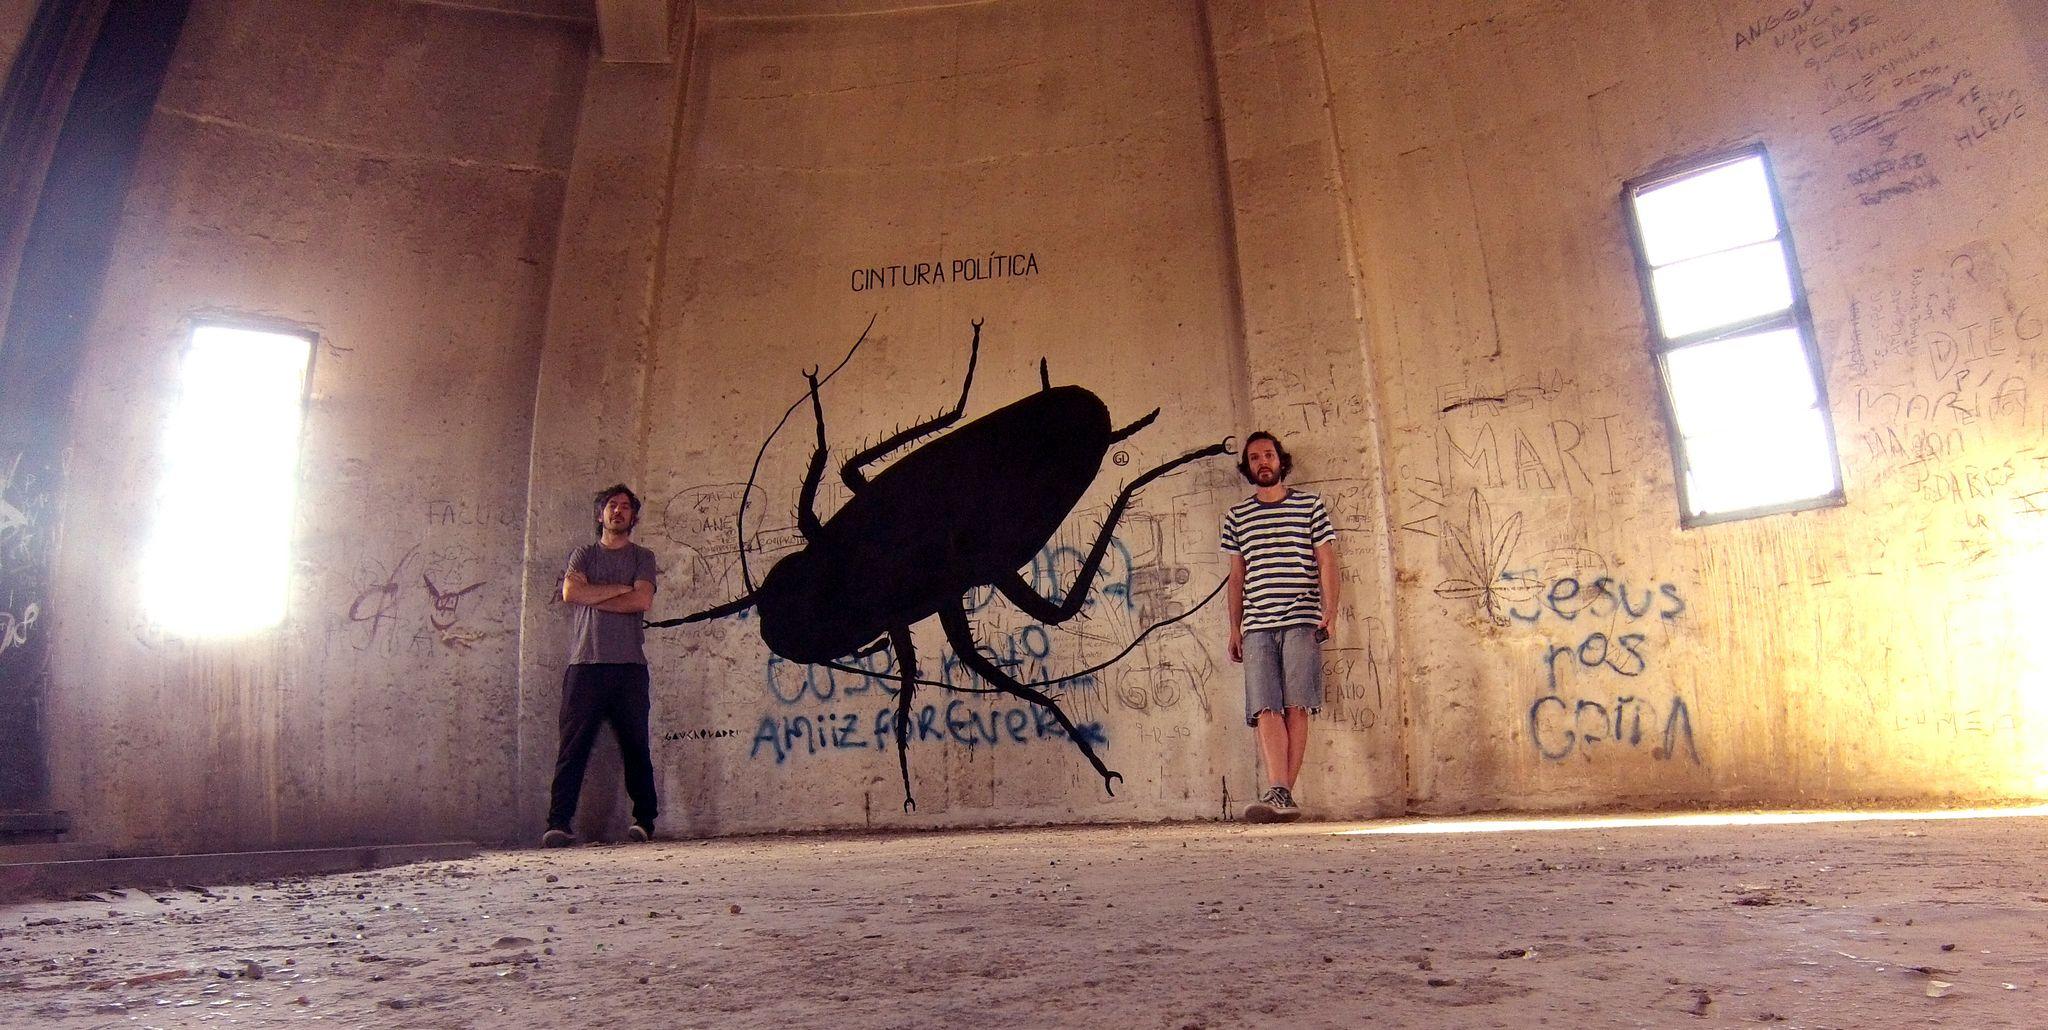 gaucholadri-cintura-politica-new-mural-02